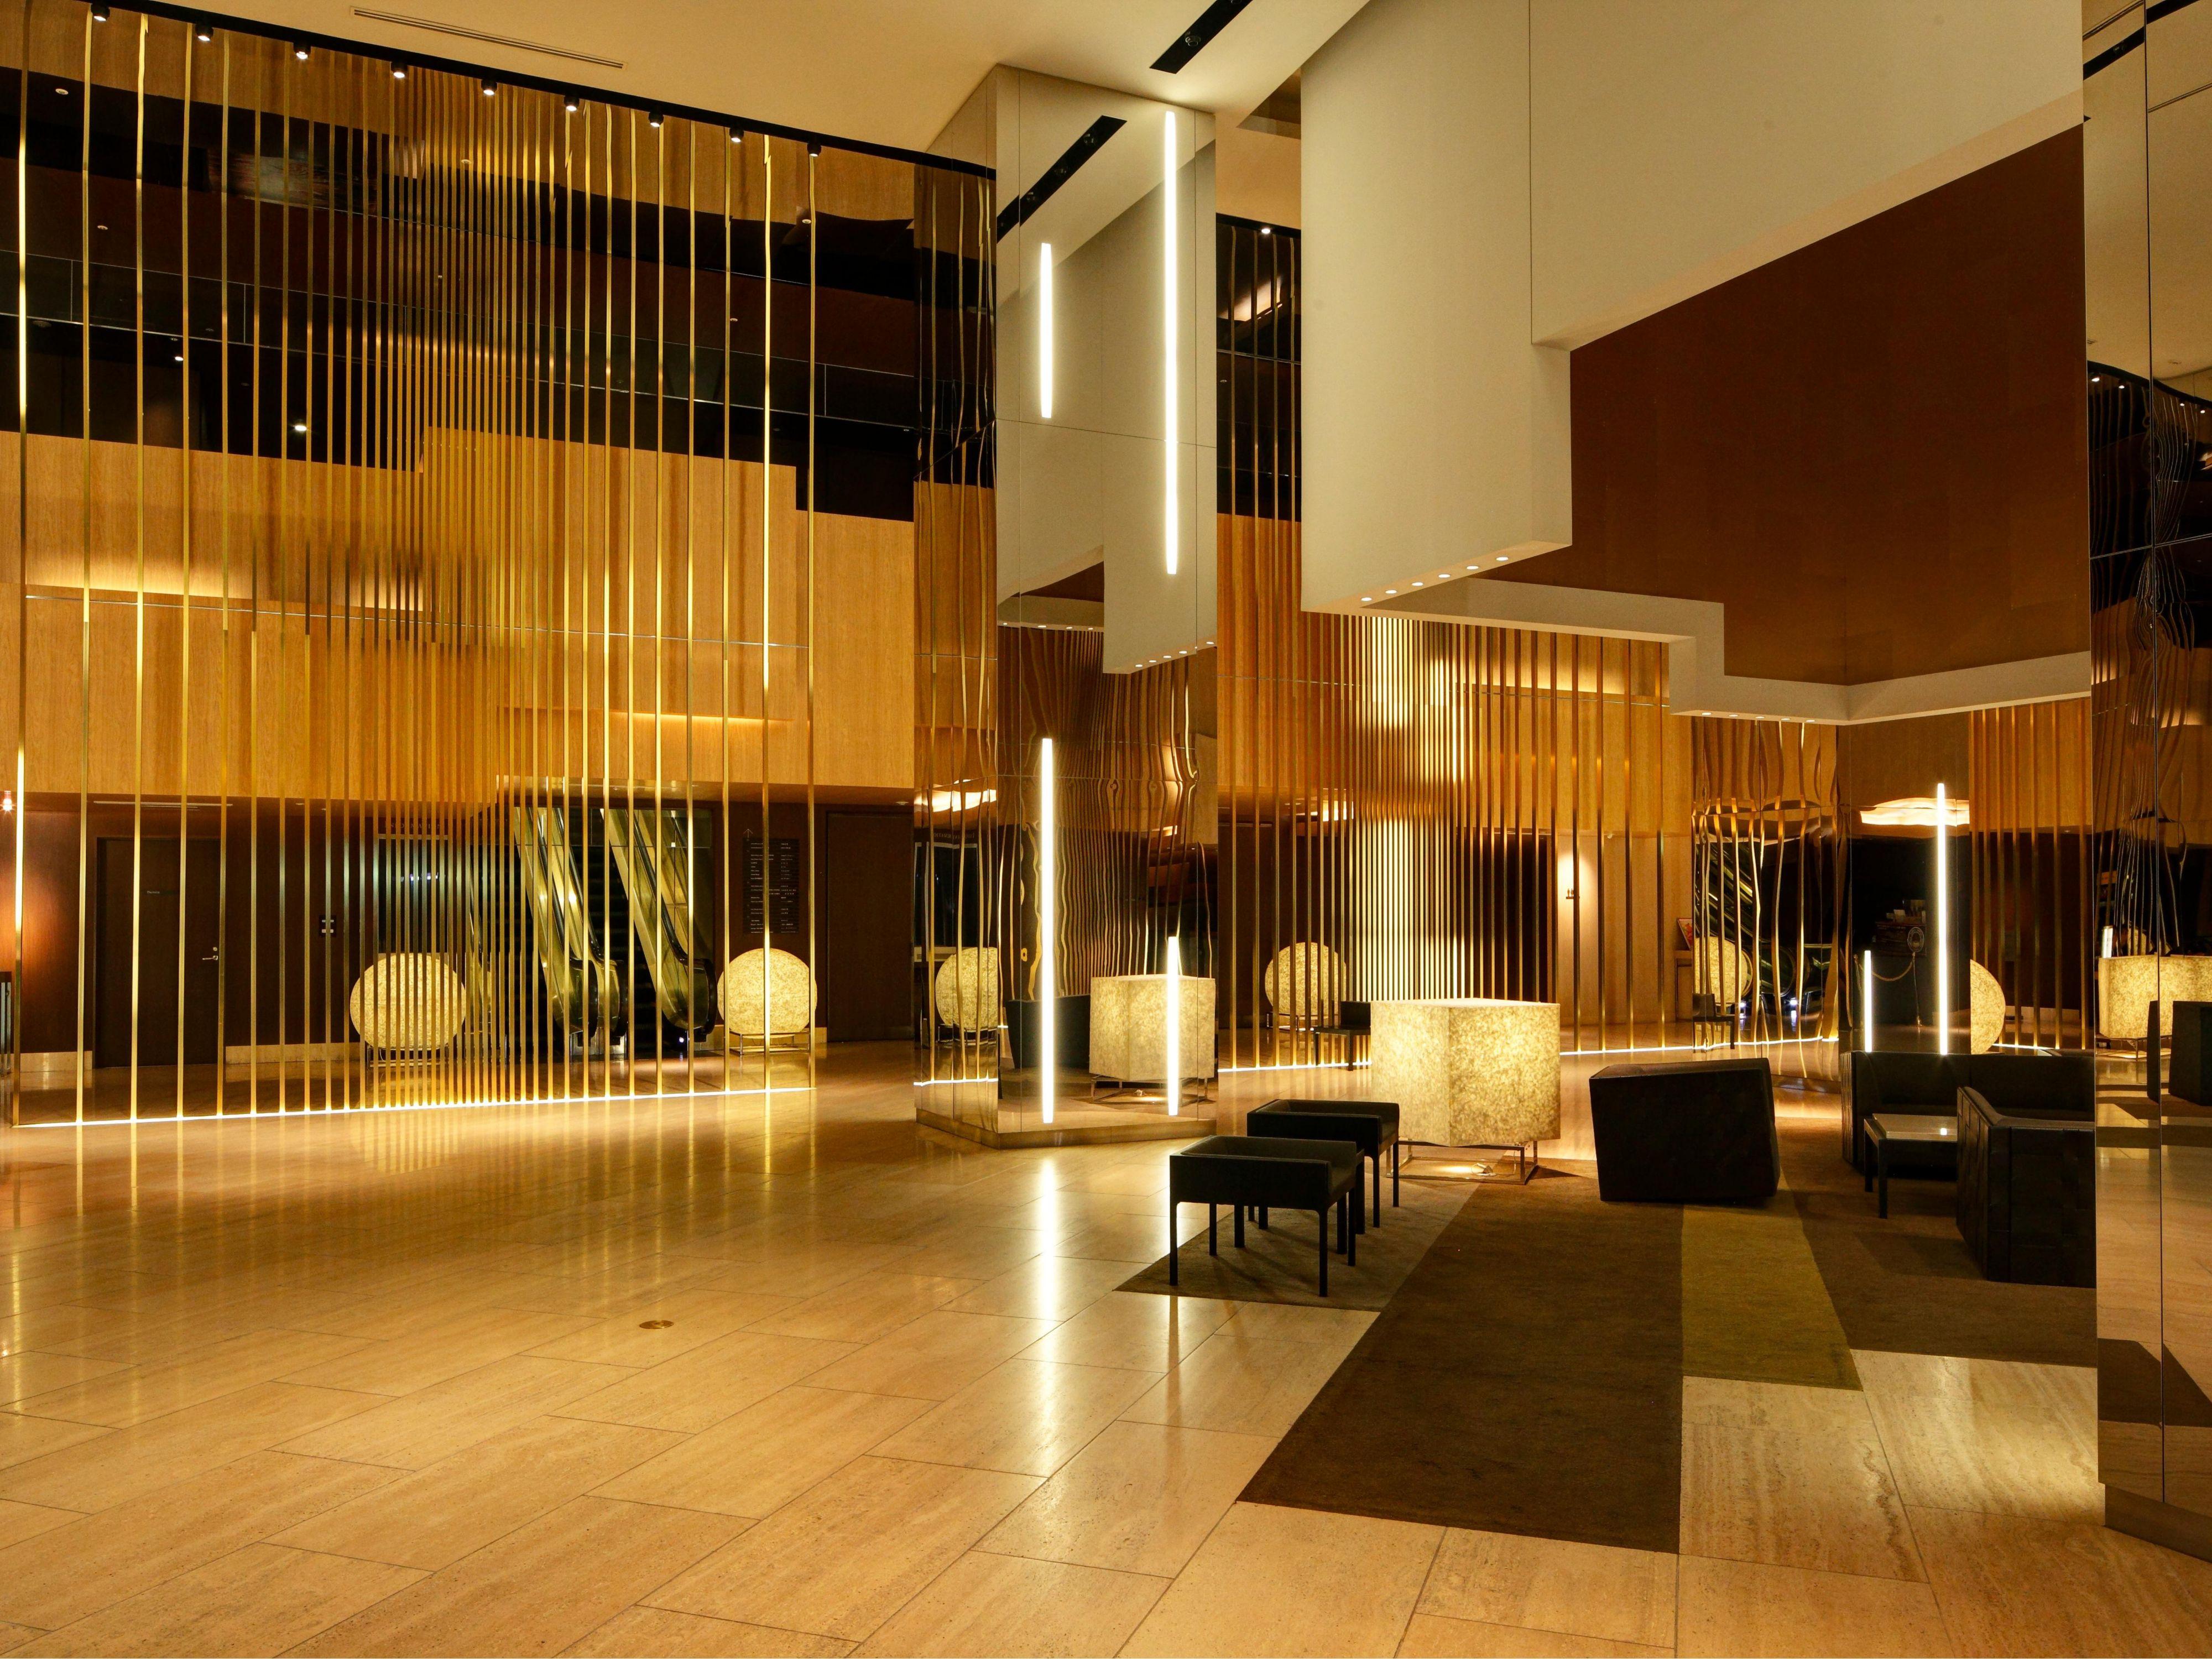 Osaka shi hotels ana crowne plaza osaka hotel in osaka for Design hotel osaka